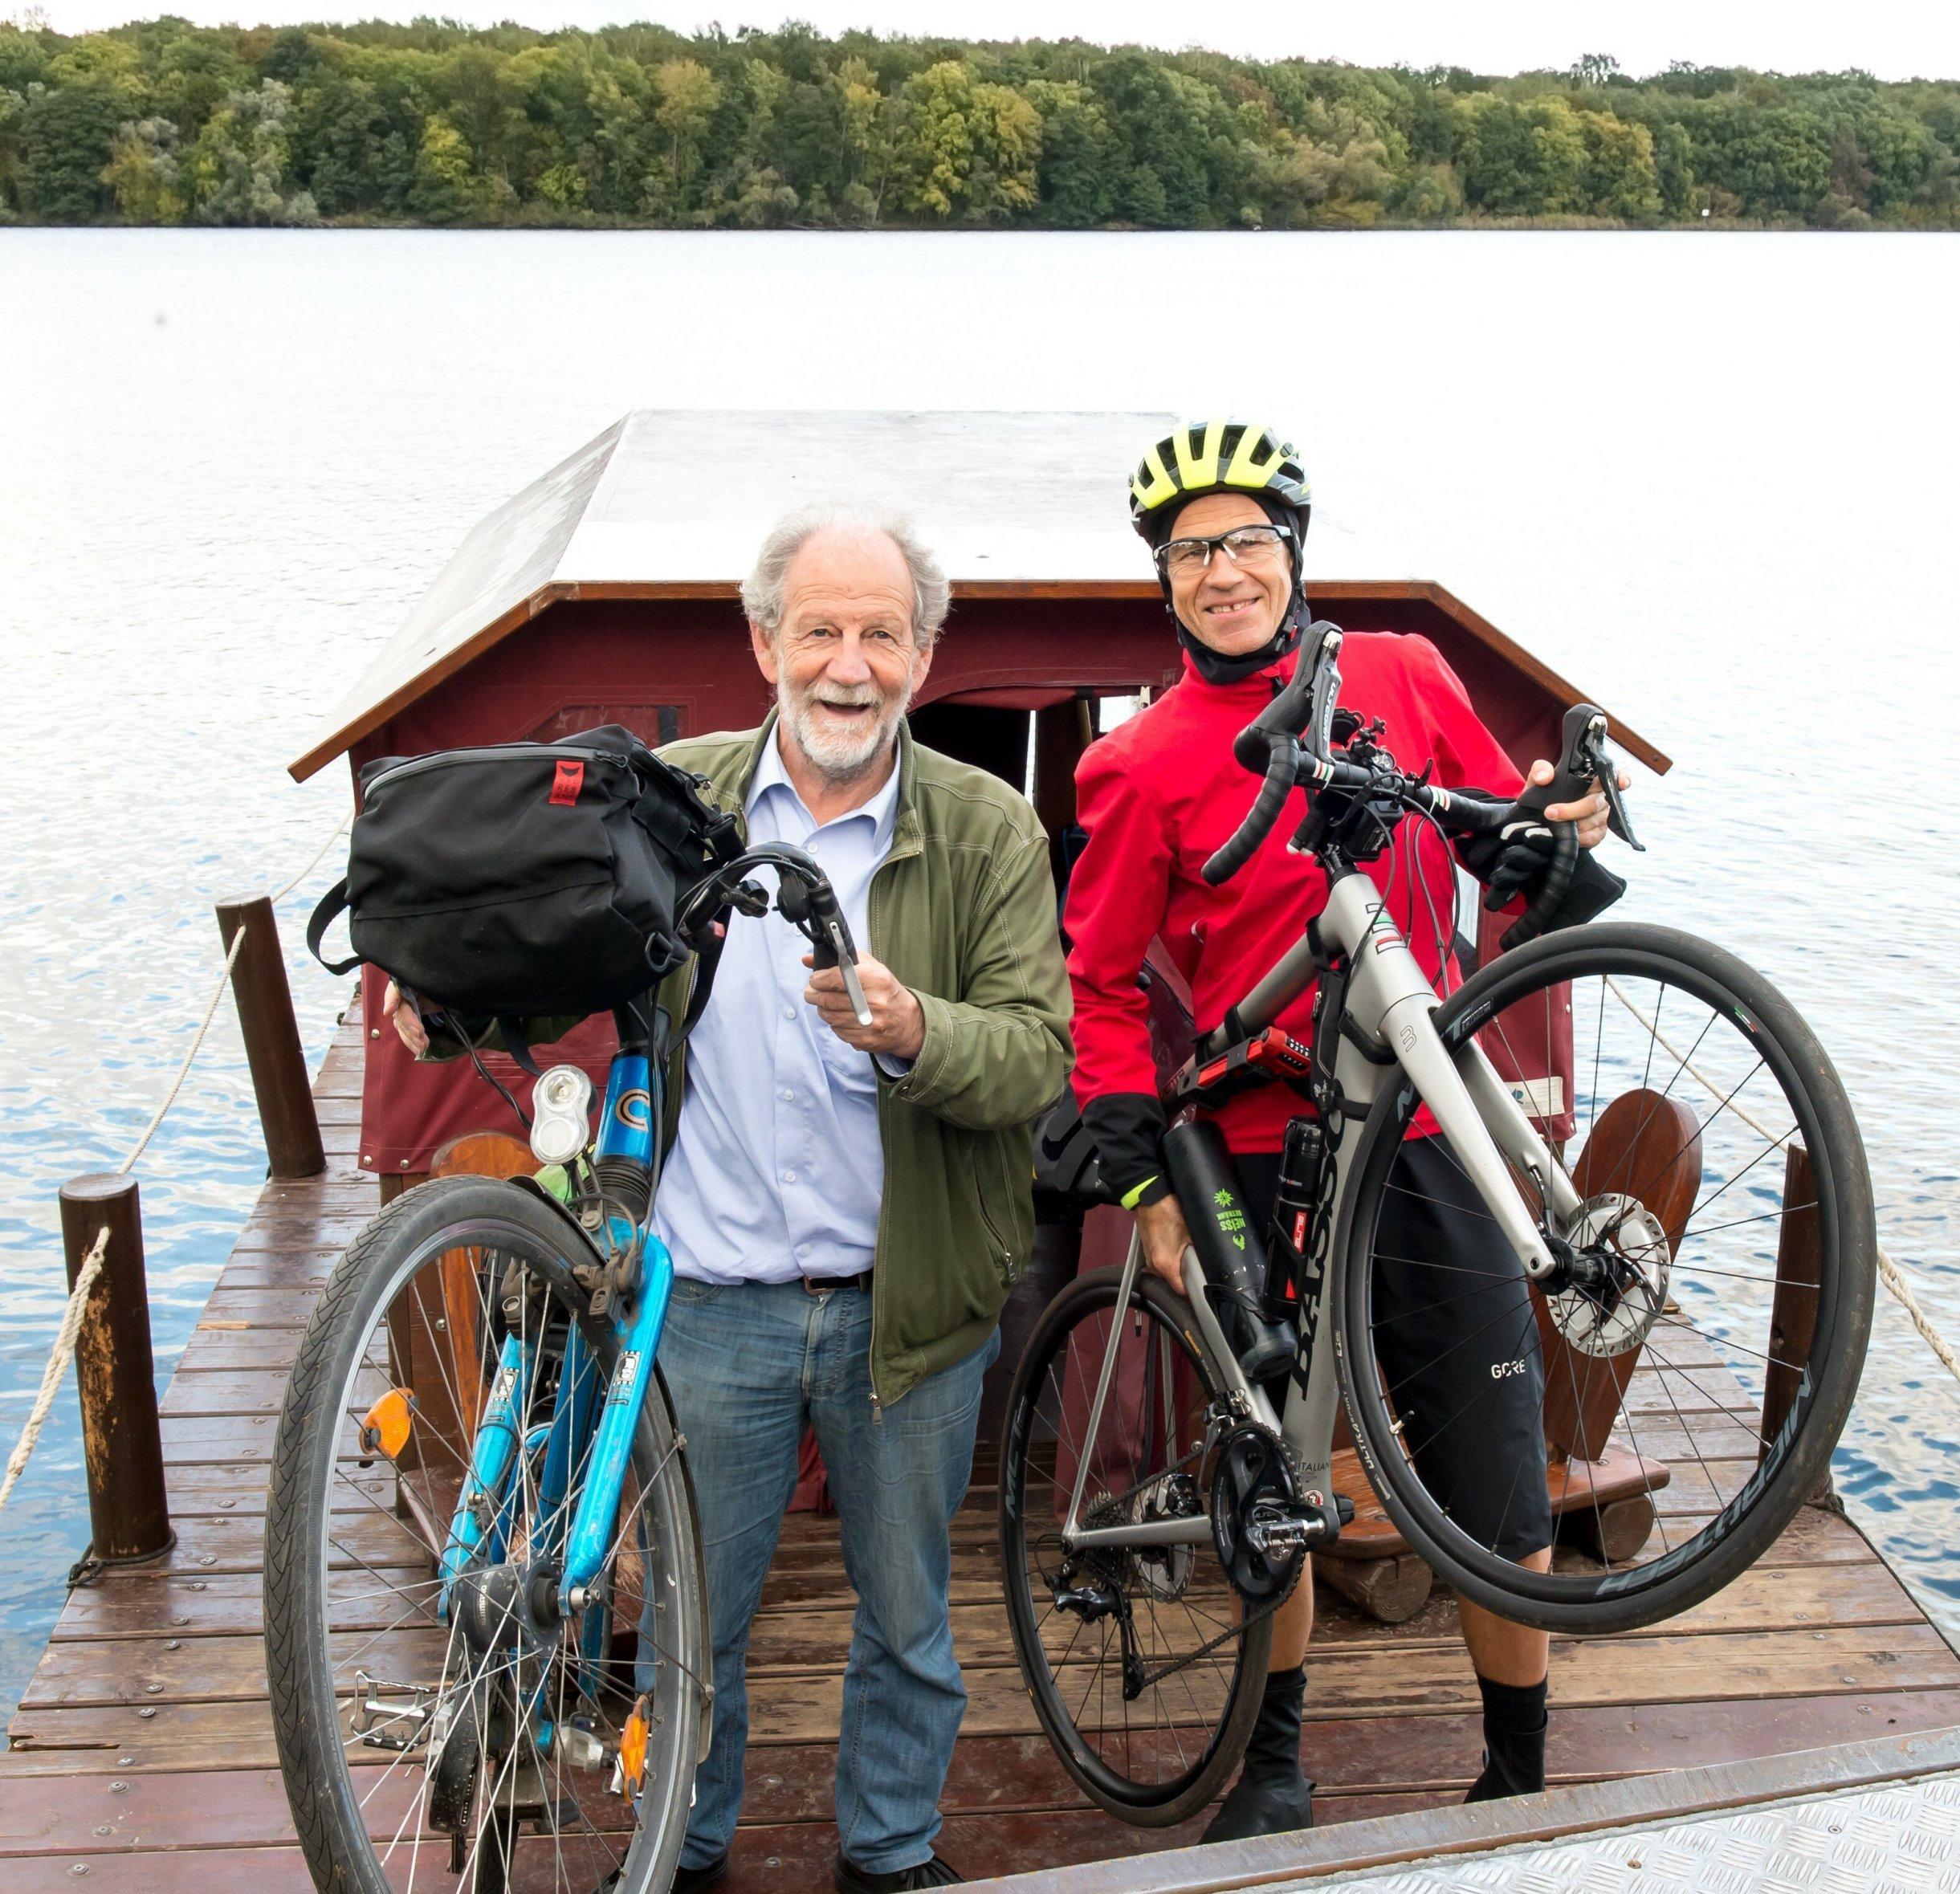 Michael Cramer und Martin C Roos lupfen nebeneinander lachend ihr Fahrrad am Bug des Wasservehikels; im Hintergrund der von der Havel gespeiste Jungfernsee.